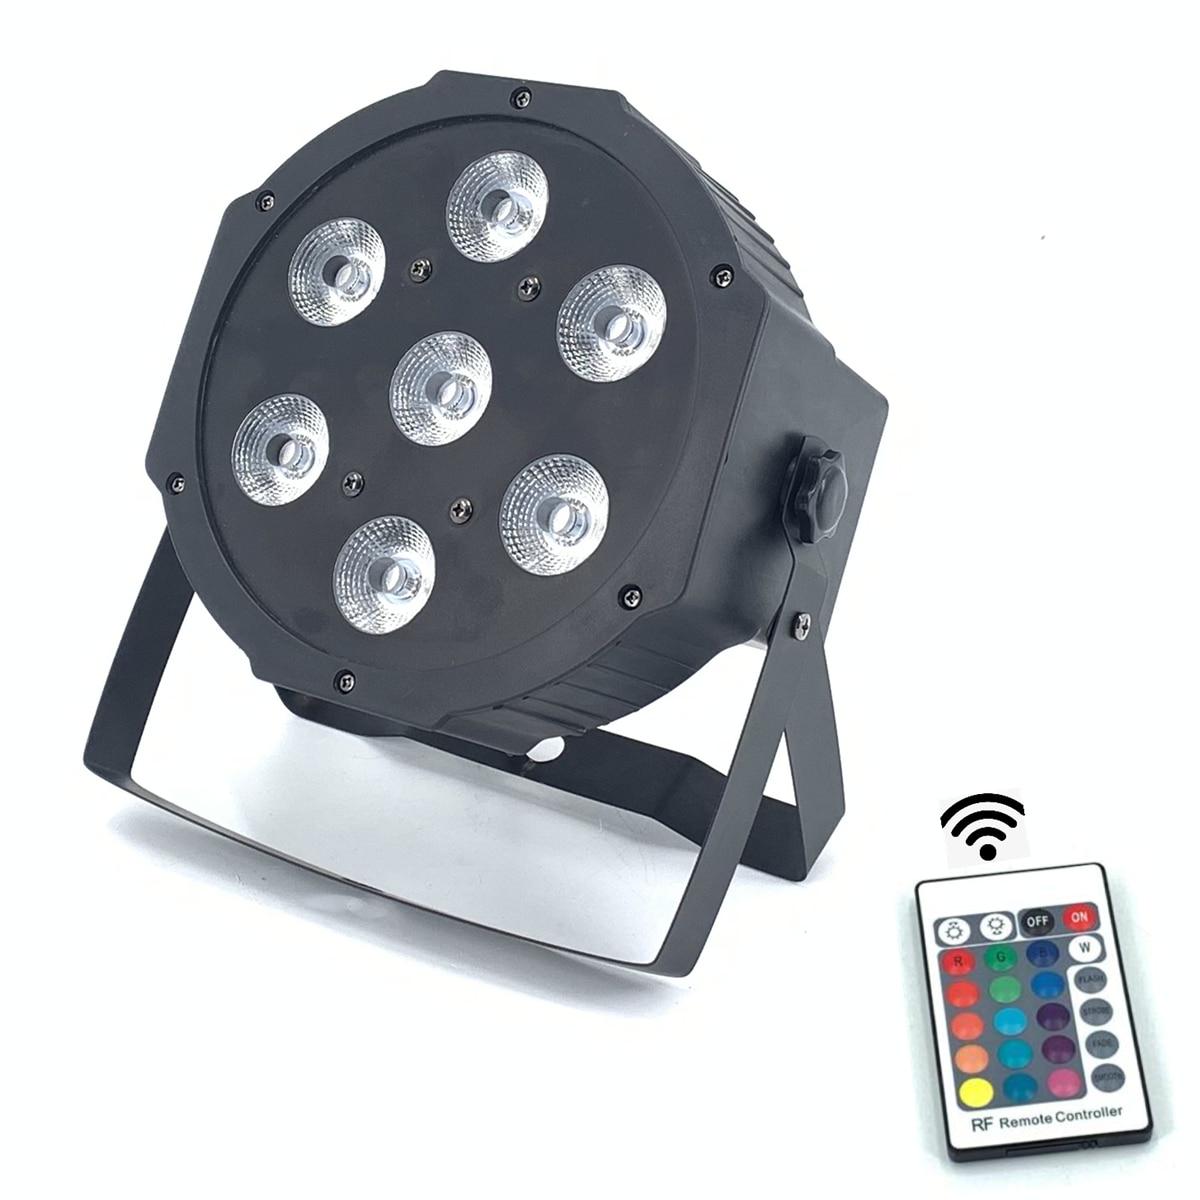 אלחוטי שלט רחוק LED הבהיר 8 ערוצי dmx Led שטוח Par 7x12W RGBW 4IN1 מהיר חינם